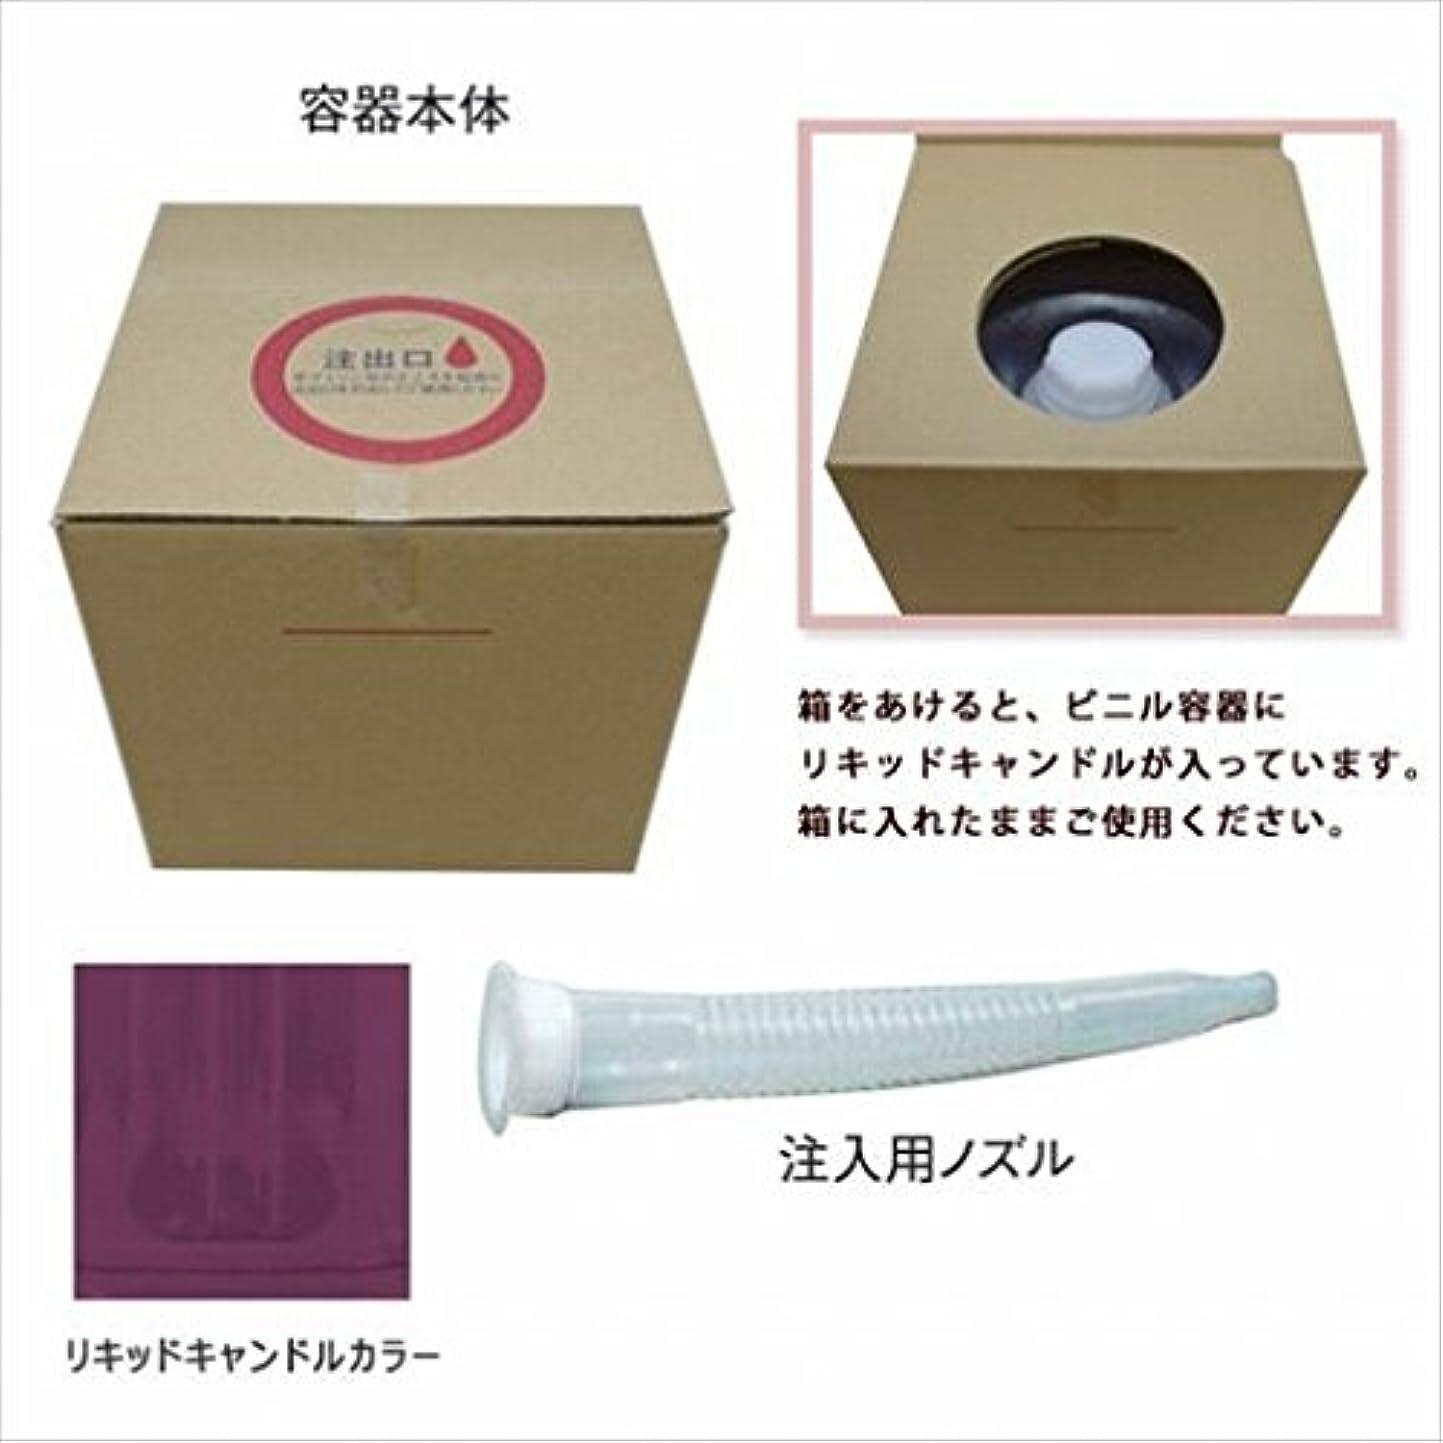 工業化する志す想像力豊かなカメヤマキャンドル(kameyama candle) リキッドキャンドル5リットル 「 バイオレット 」